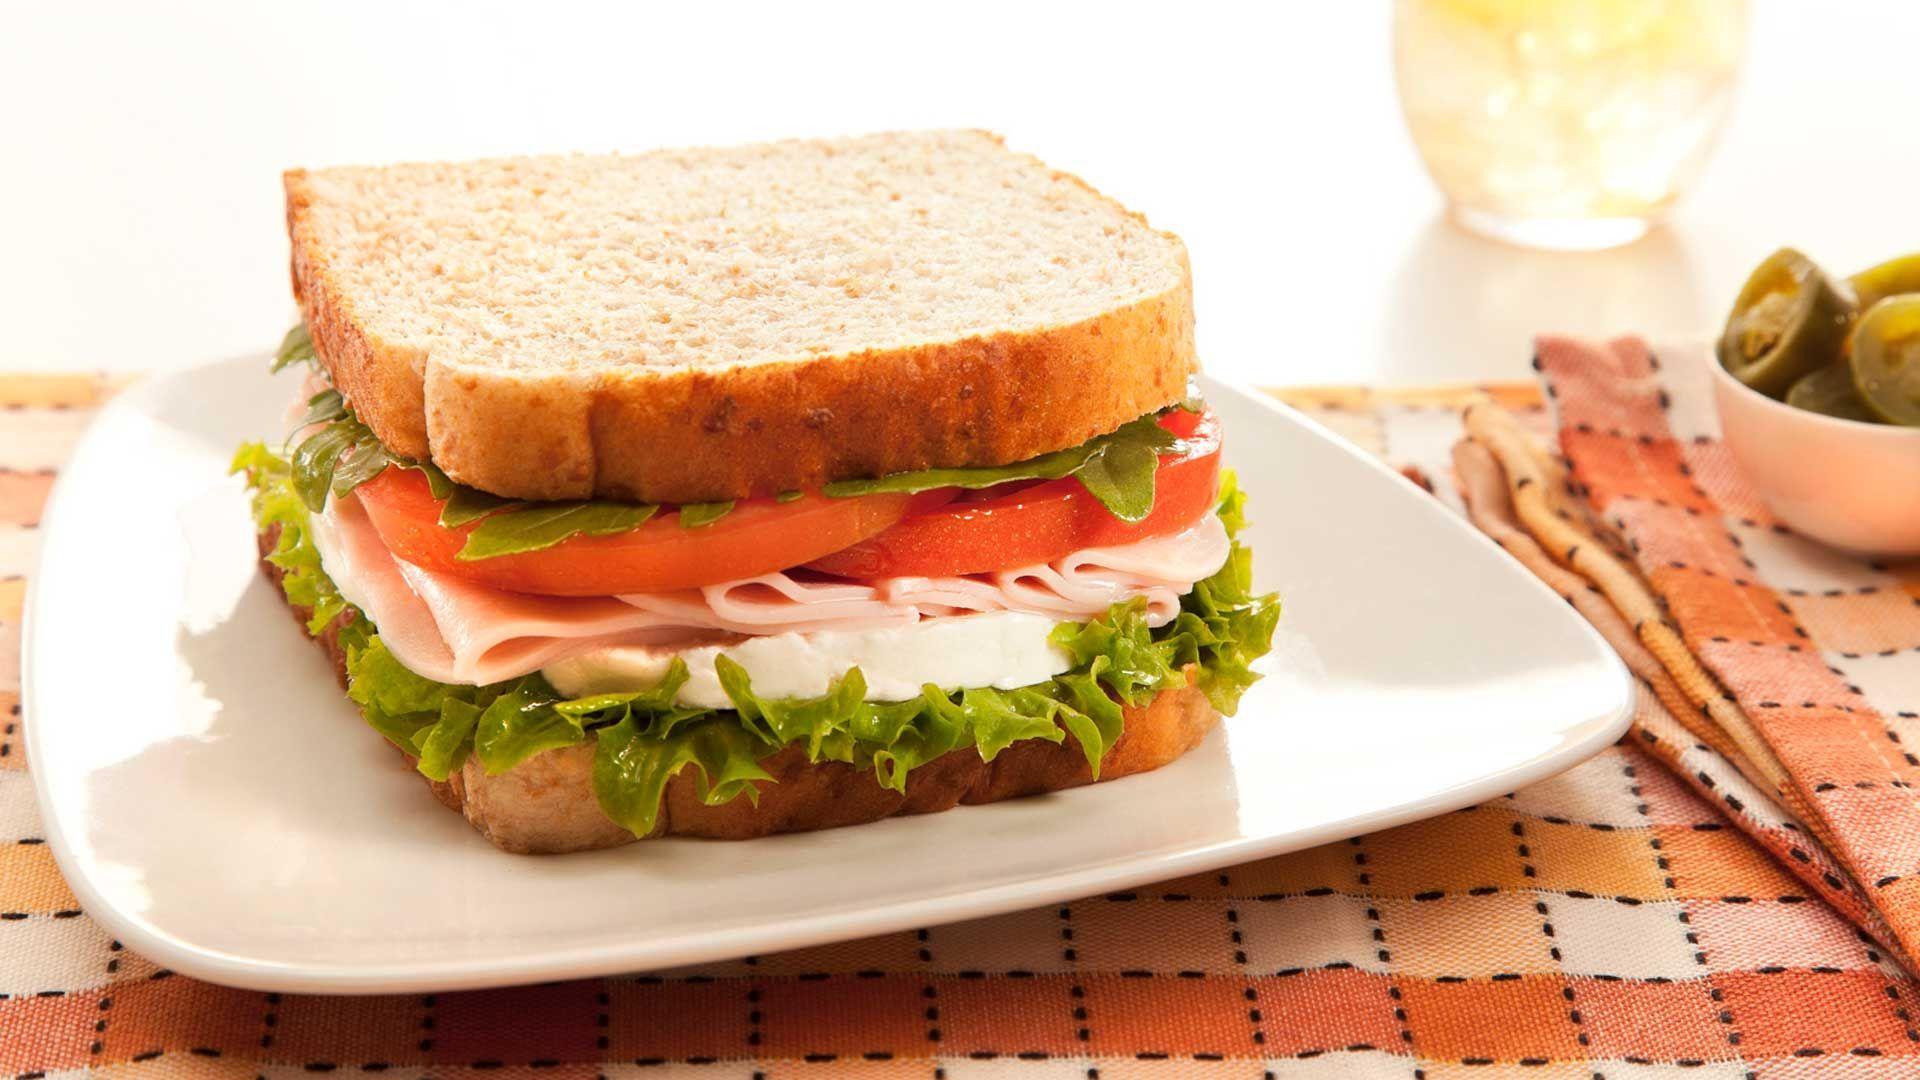 Vas a comer un sandwich con queso amarillo, ¿qué vas a tomar como bebida?